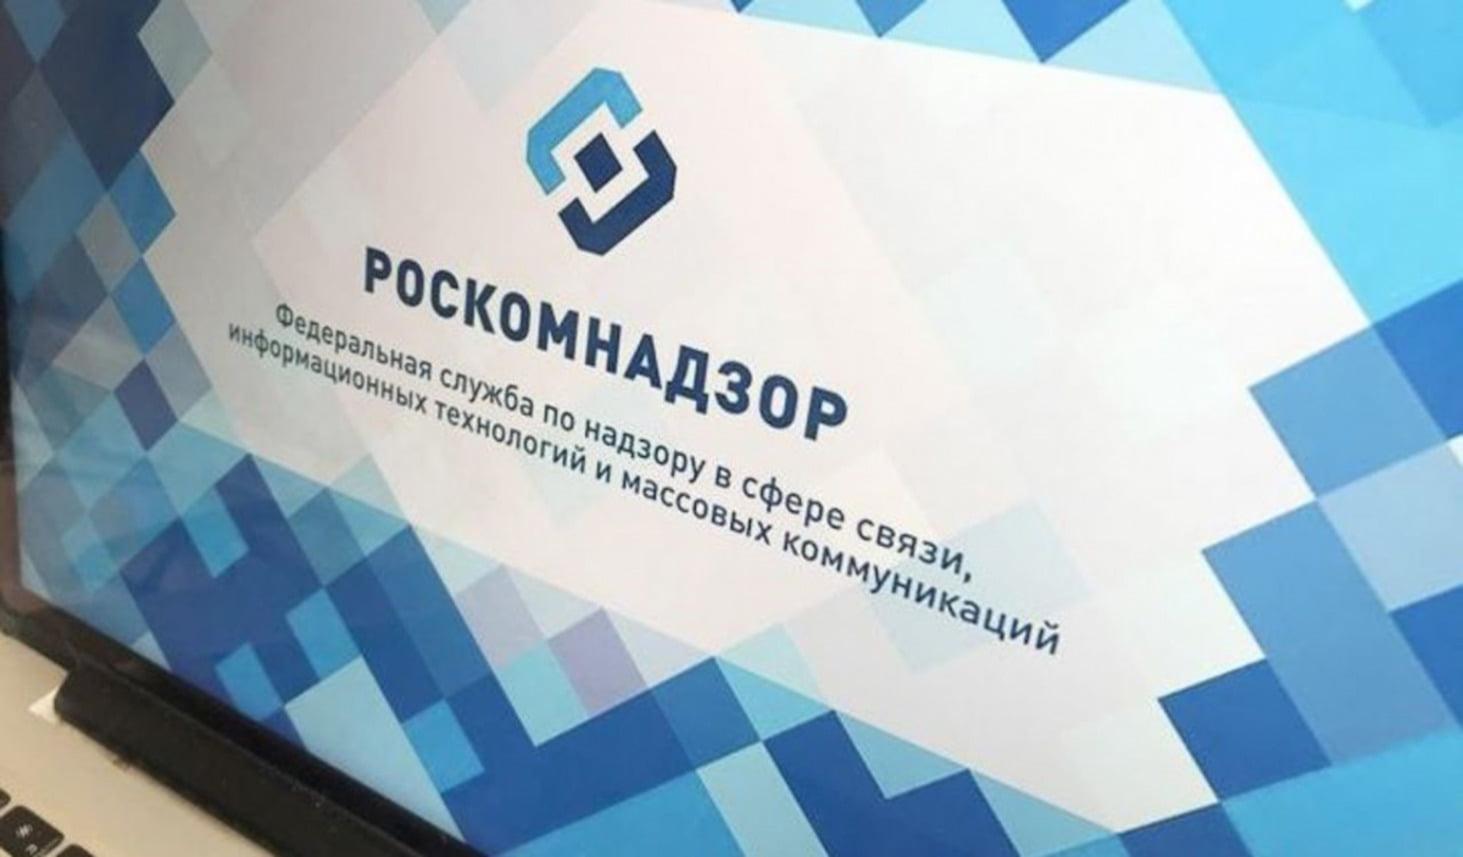 roskomnadzor-obnaruzhil-93-sajta-s-otvetami-na-voprosy-ege-i-oge